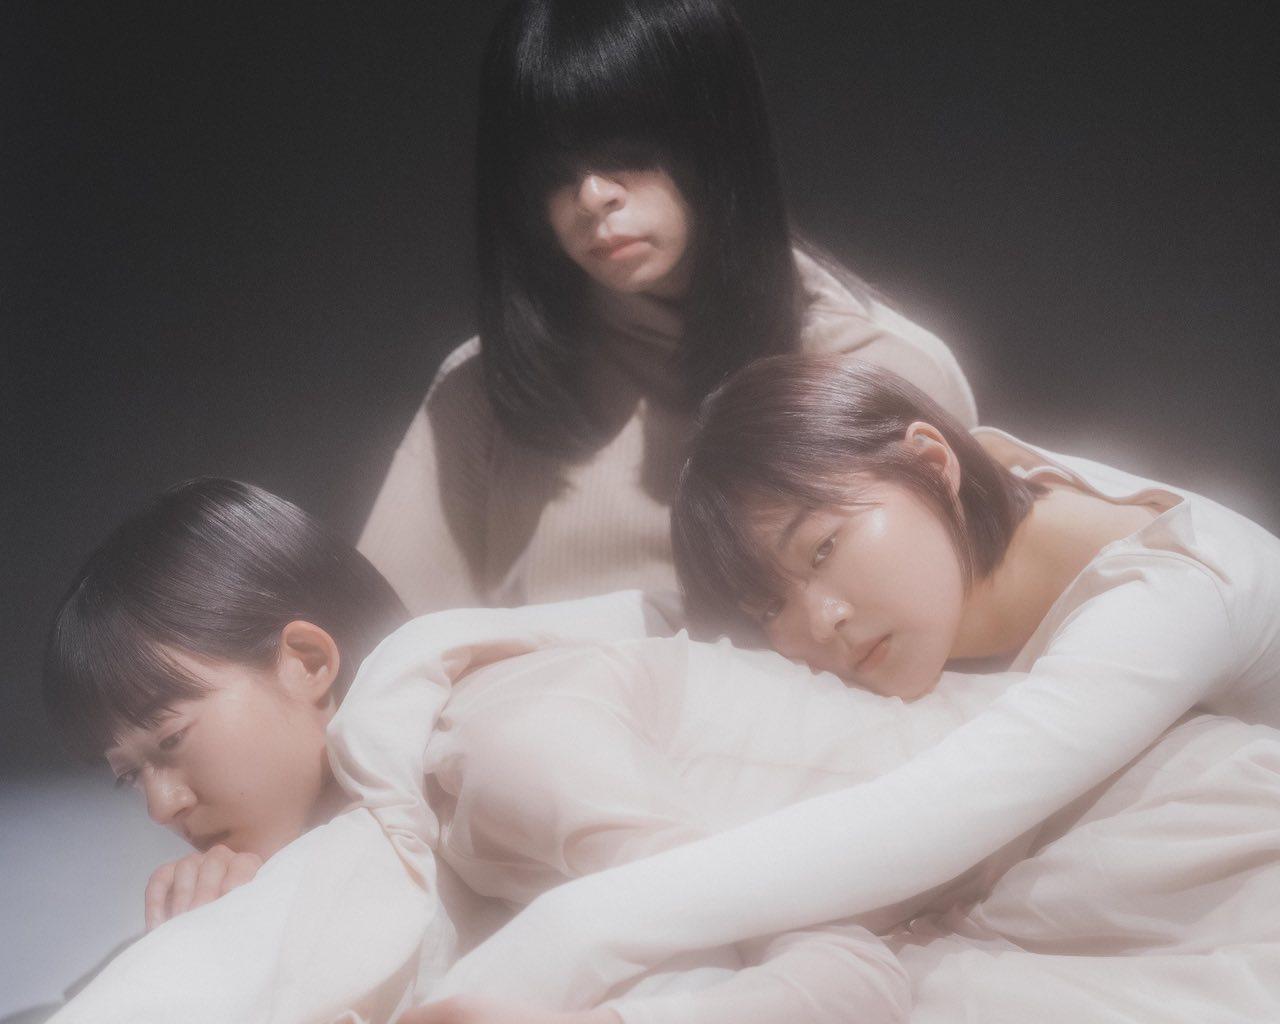 羊文学、メジャーデビューアルバム「POWERS」収録のライブ映像の一部が公開!購入者特典絵柄も解禁!